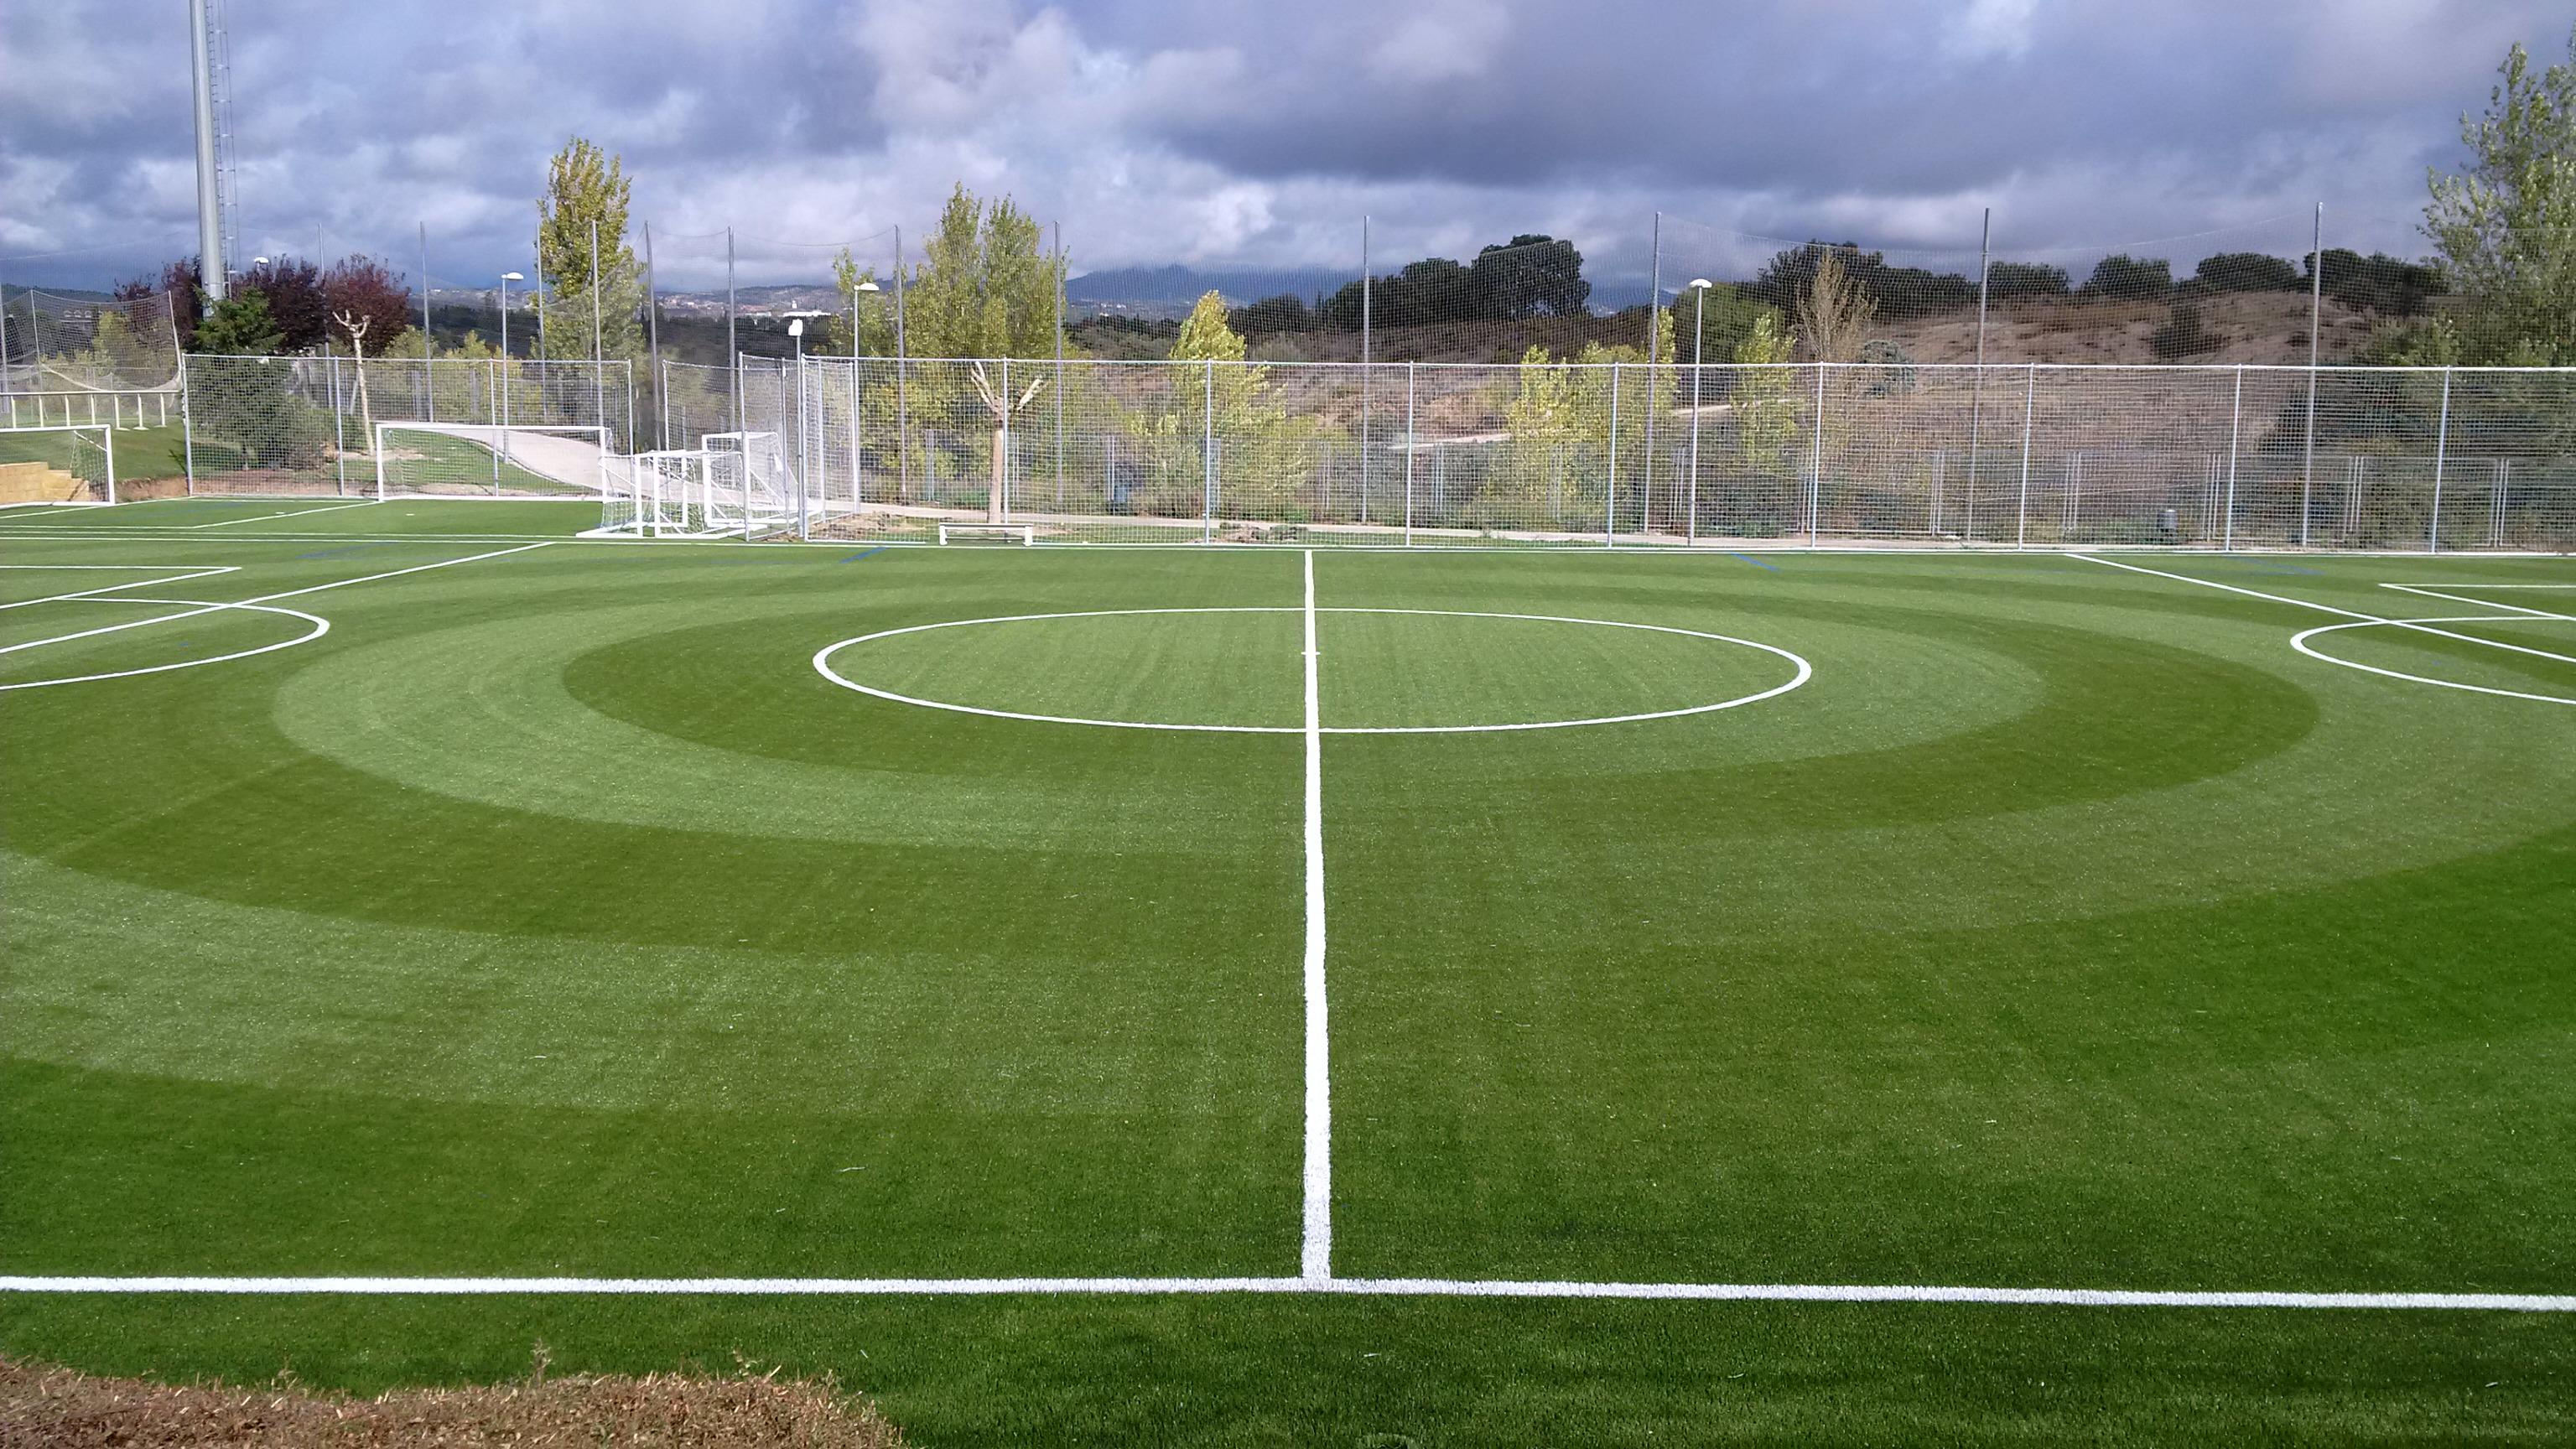 Campo de Fútbol 7 y Area de Entrenamiento de Porteros en la Ciudad del Fútbol – RFEF, Las Rozas, Madrid Image